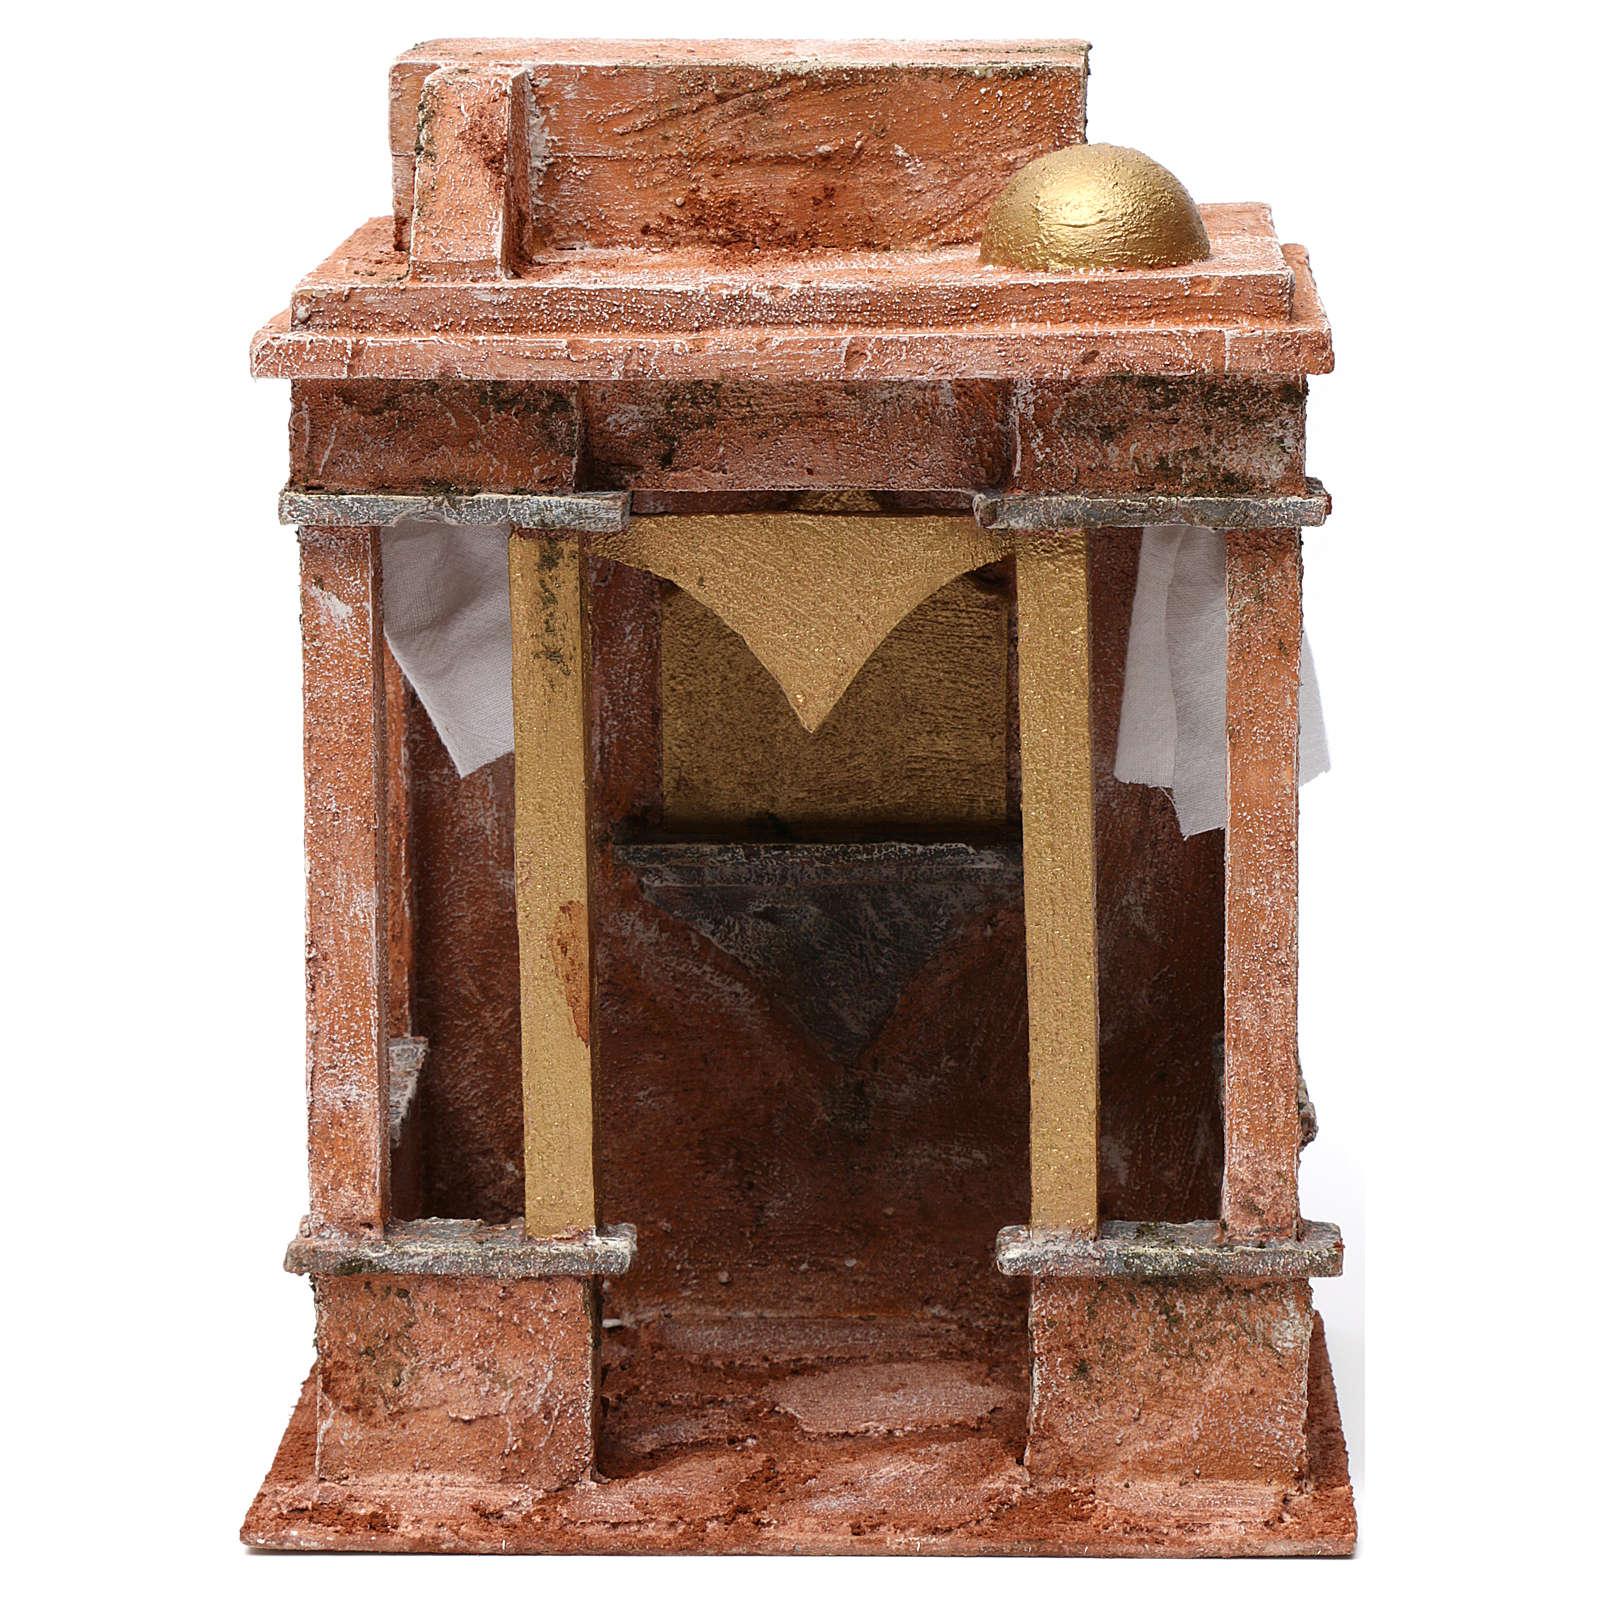 Décor arabe avec petit dôme rideaux sur les côtés et colonnes pour  crèche 12 cm 30x20x25 cm 4